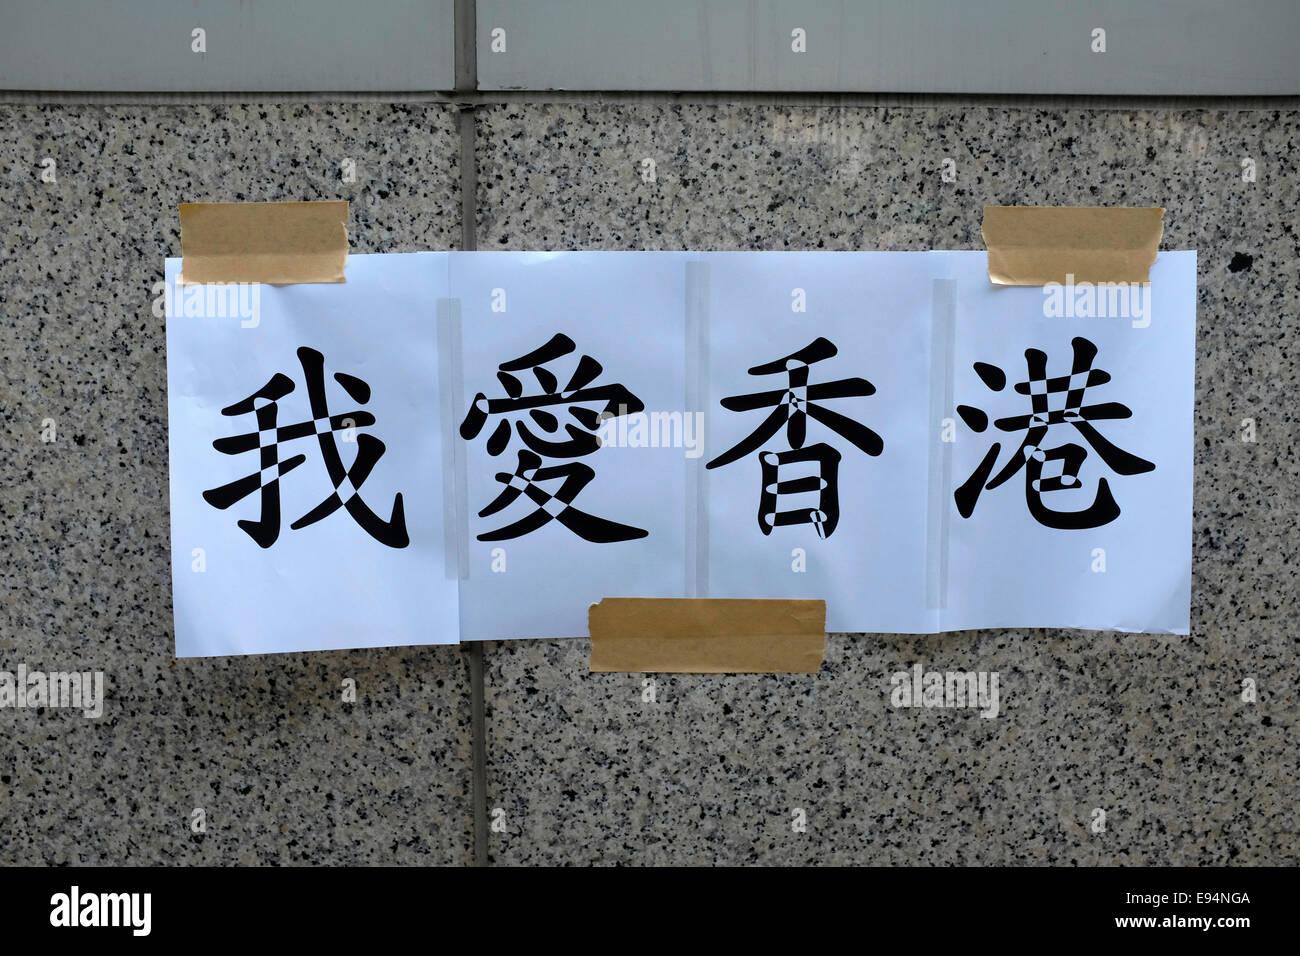 I Love Hong Kong Sign at Hong Kong Protests Stock Photo